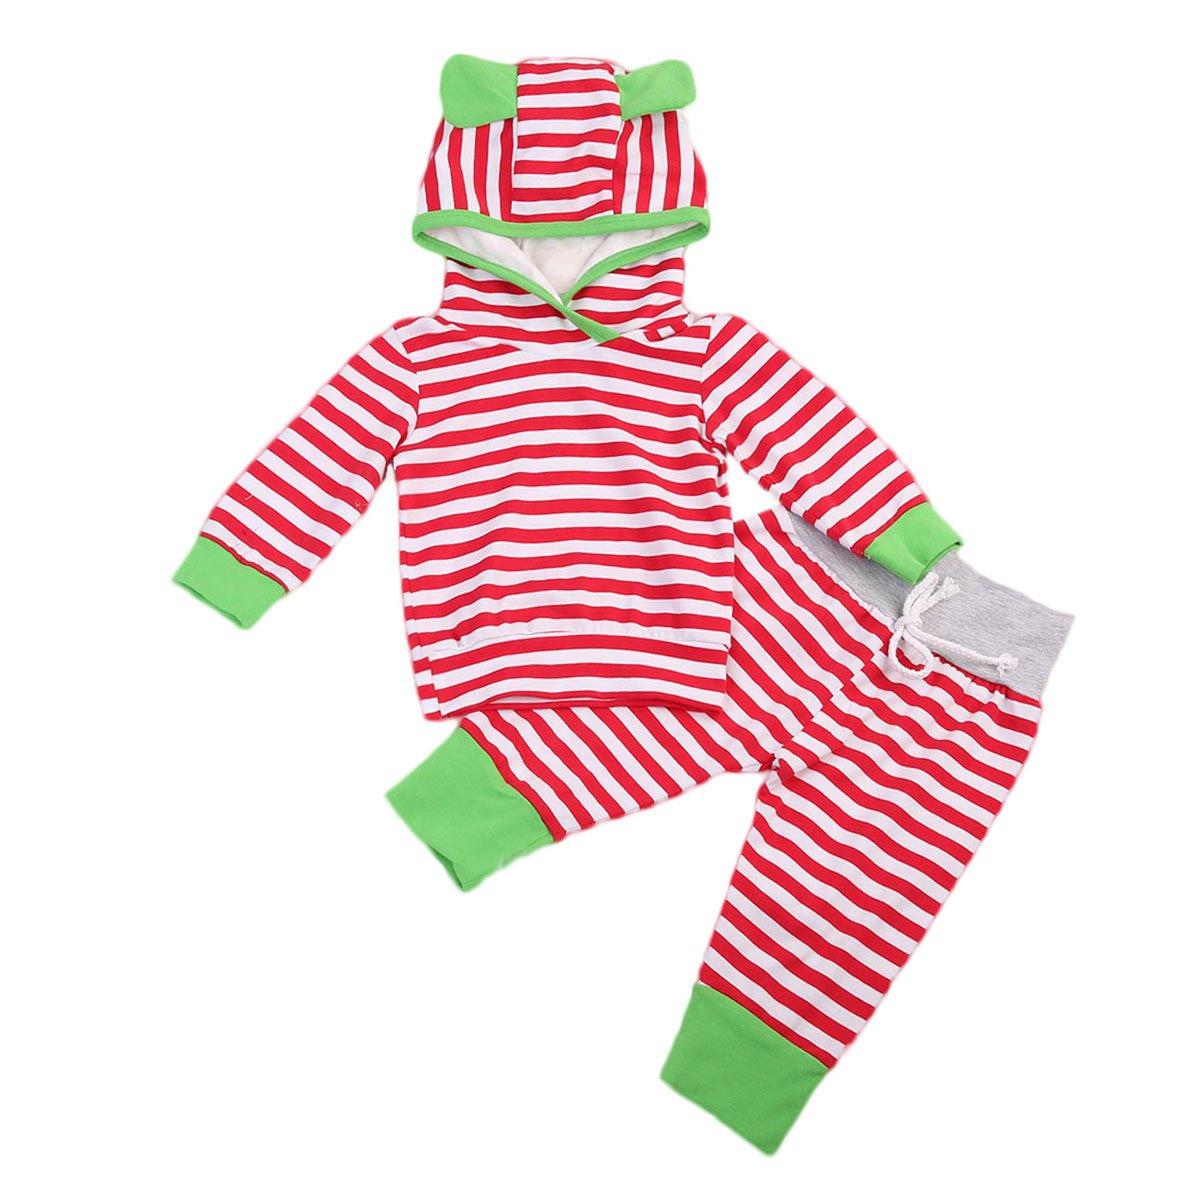 最終値下げ Ma&Baby PANTS - ベビーガールズ 18 - Ma&Baby 24 Months 24 B0749JCNHZ, だいやす:491d4e3f --- a0267596.xsph.ru